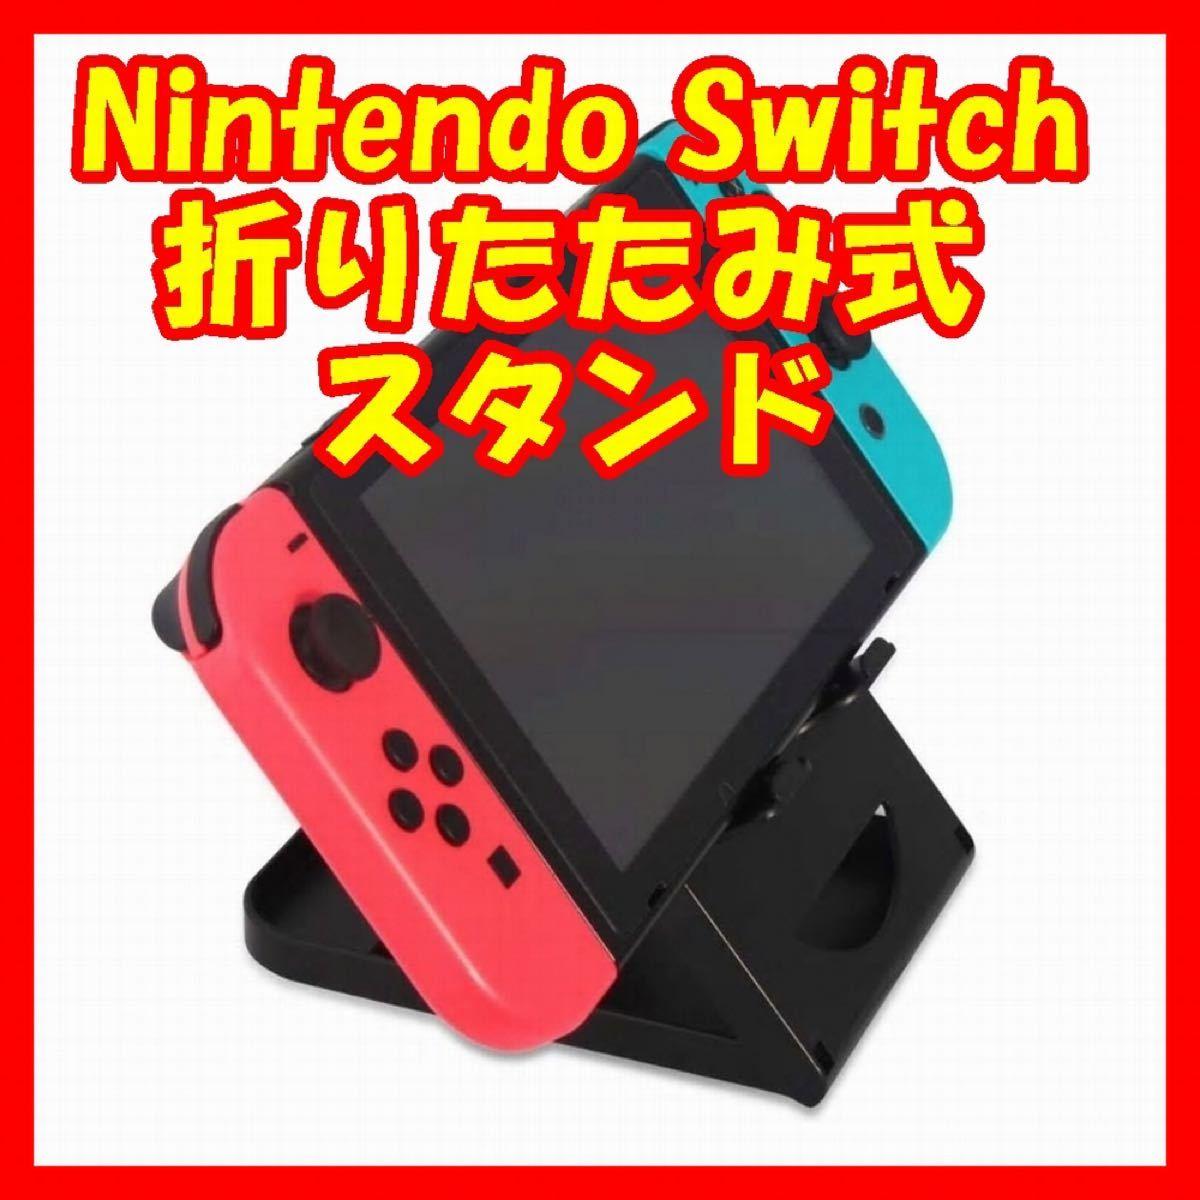 任天堂NintendoSwitchスタンドホルダースイッチ卓上スタンド折りたたみ